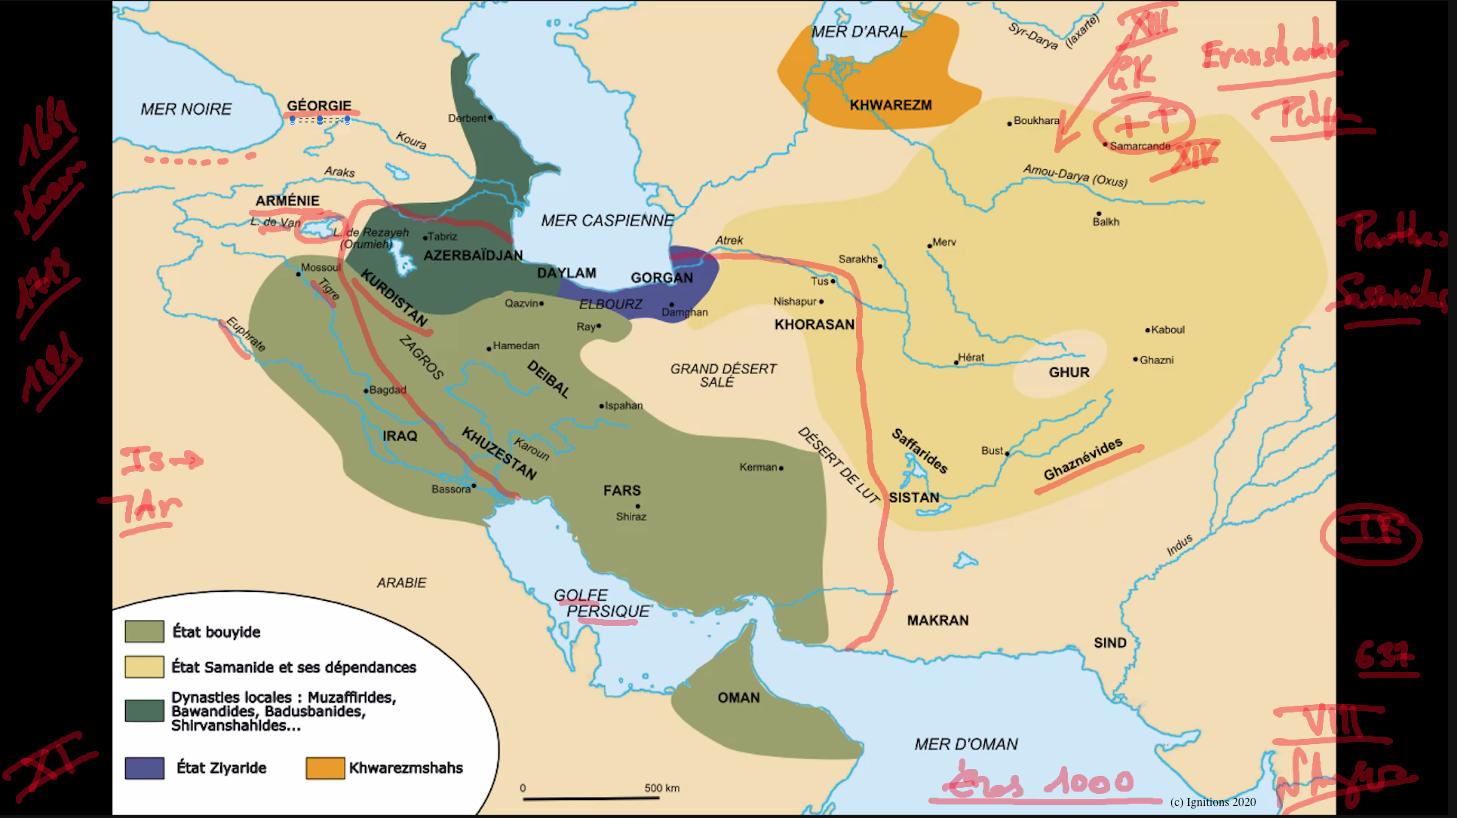 56122 - e-Μάθημα:I -Διαχρονική ιστορία της Περσίας. (Dessin)